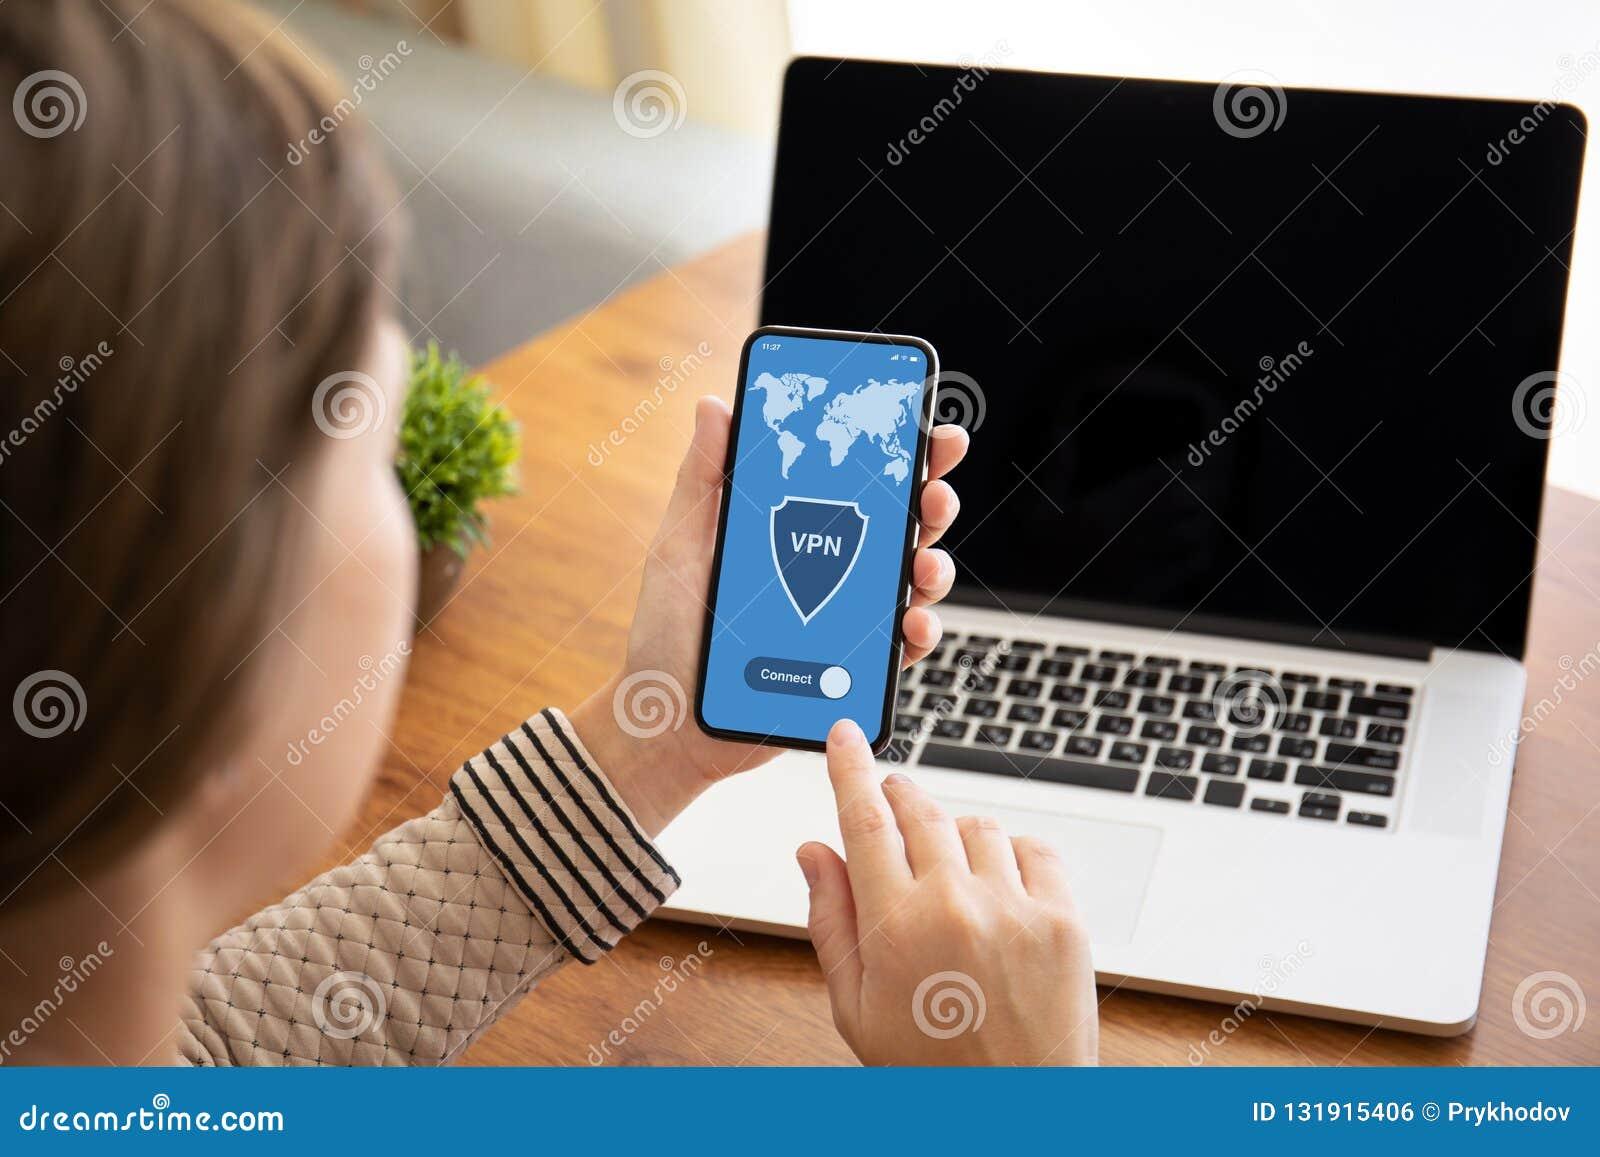 拿着有应用程序vpn的女性手接触电话在屏幕上